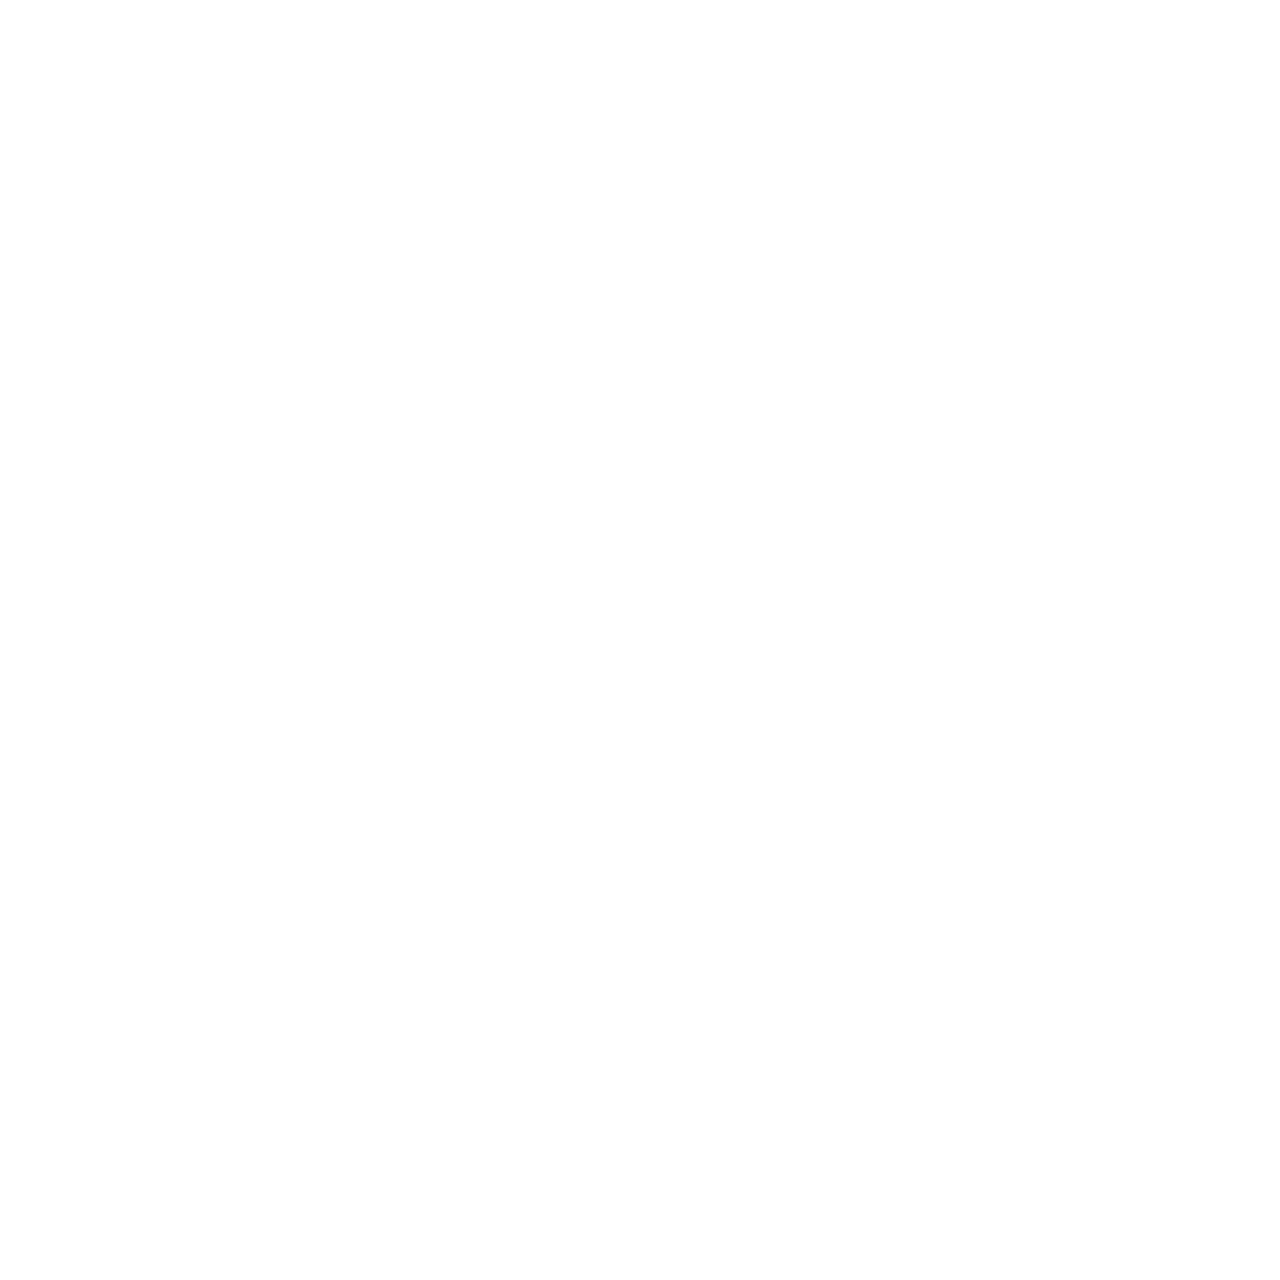 韩漫 |《恋爱杀虫剂》一场由杀虫剂开启的恋爱罗曼史~  第32张